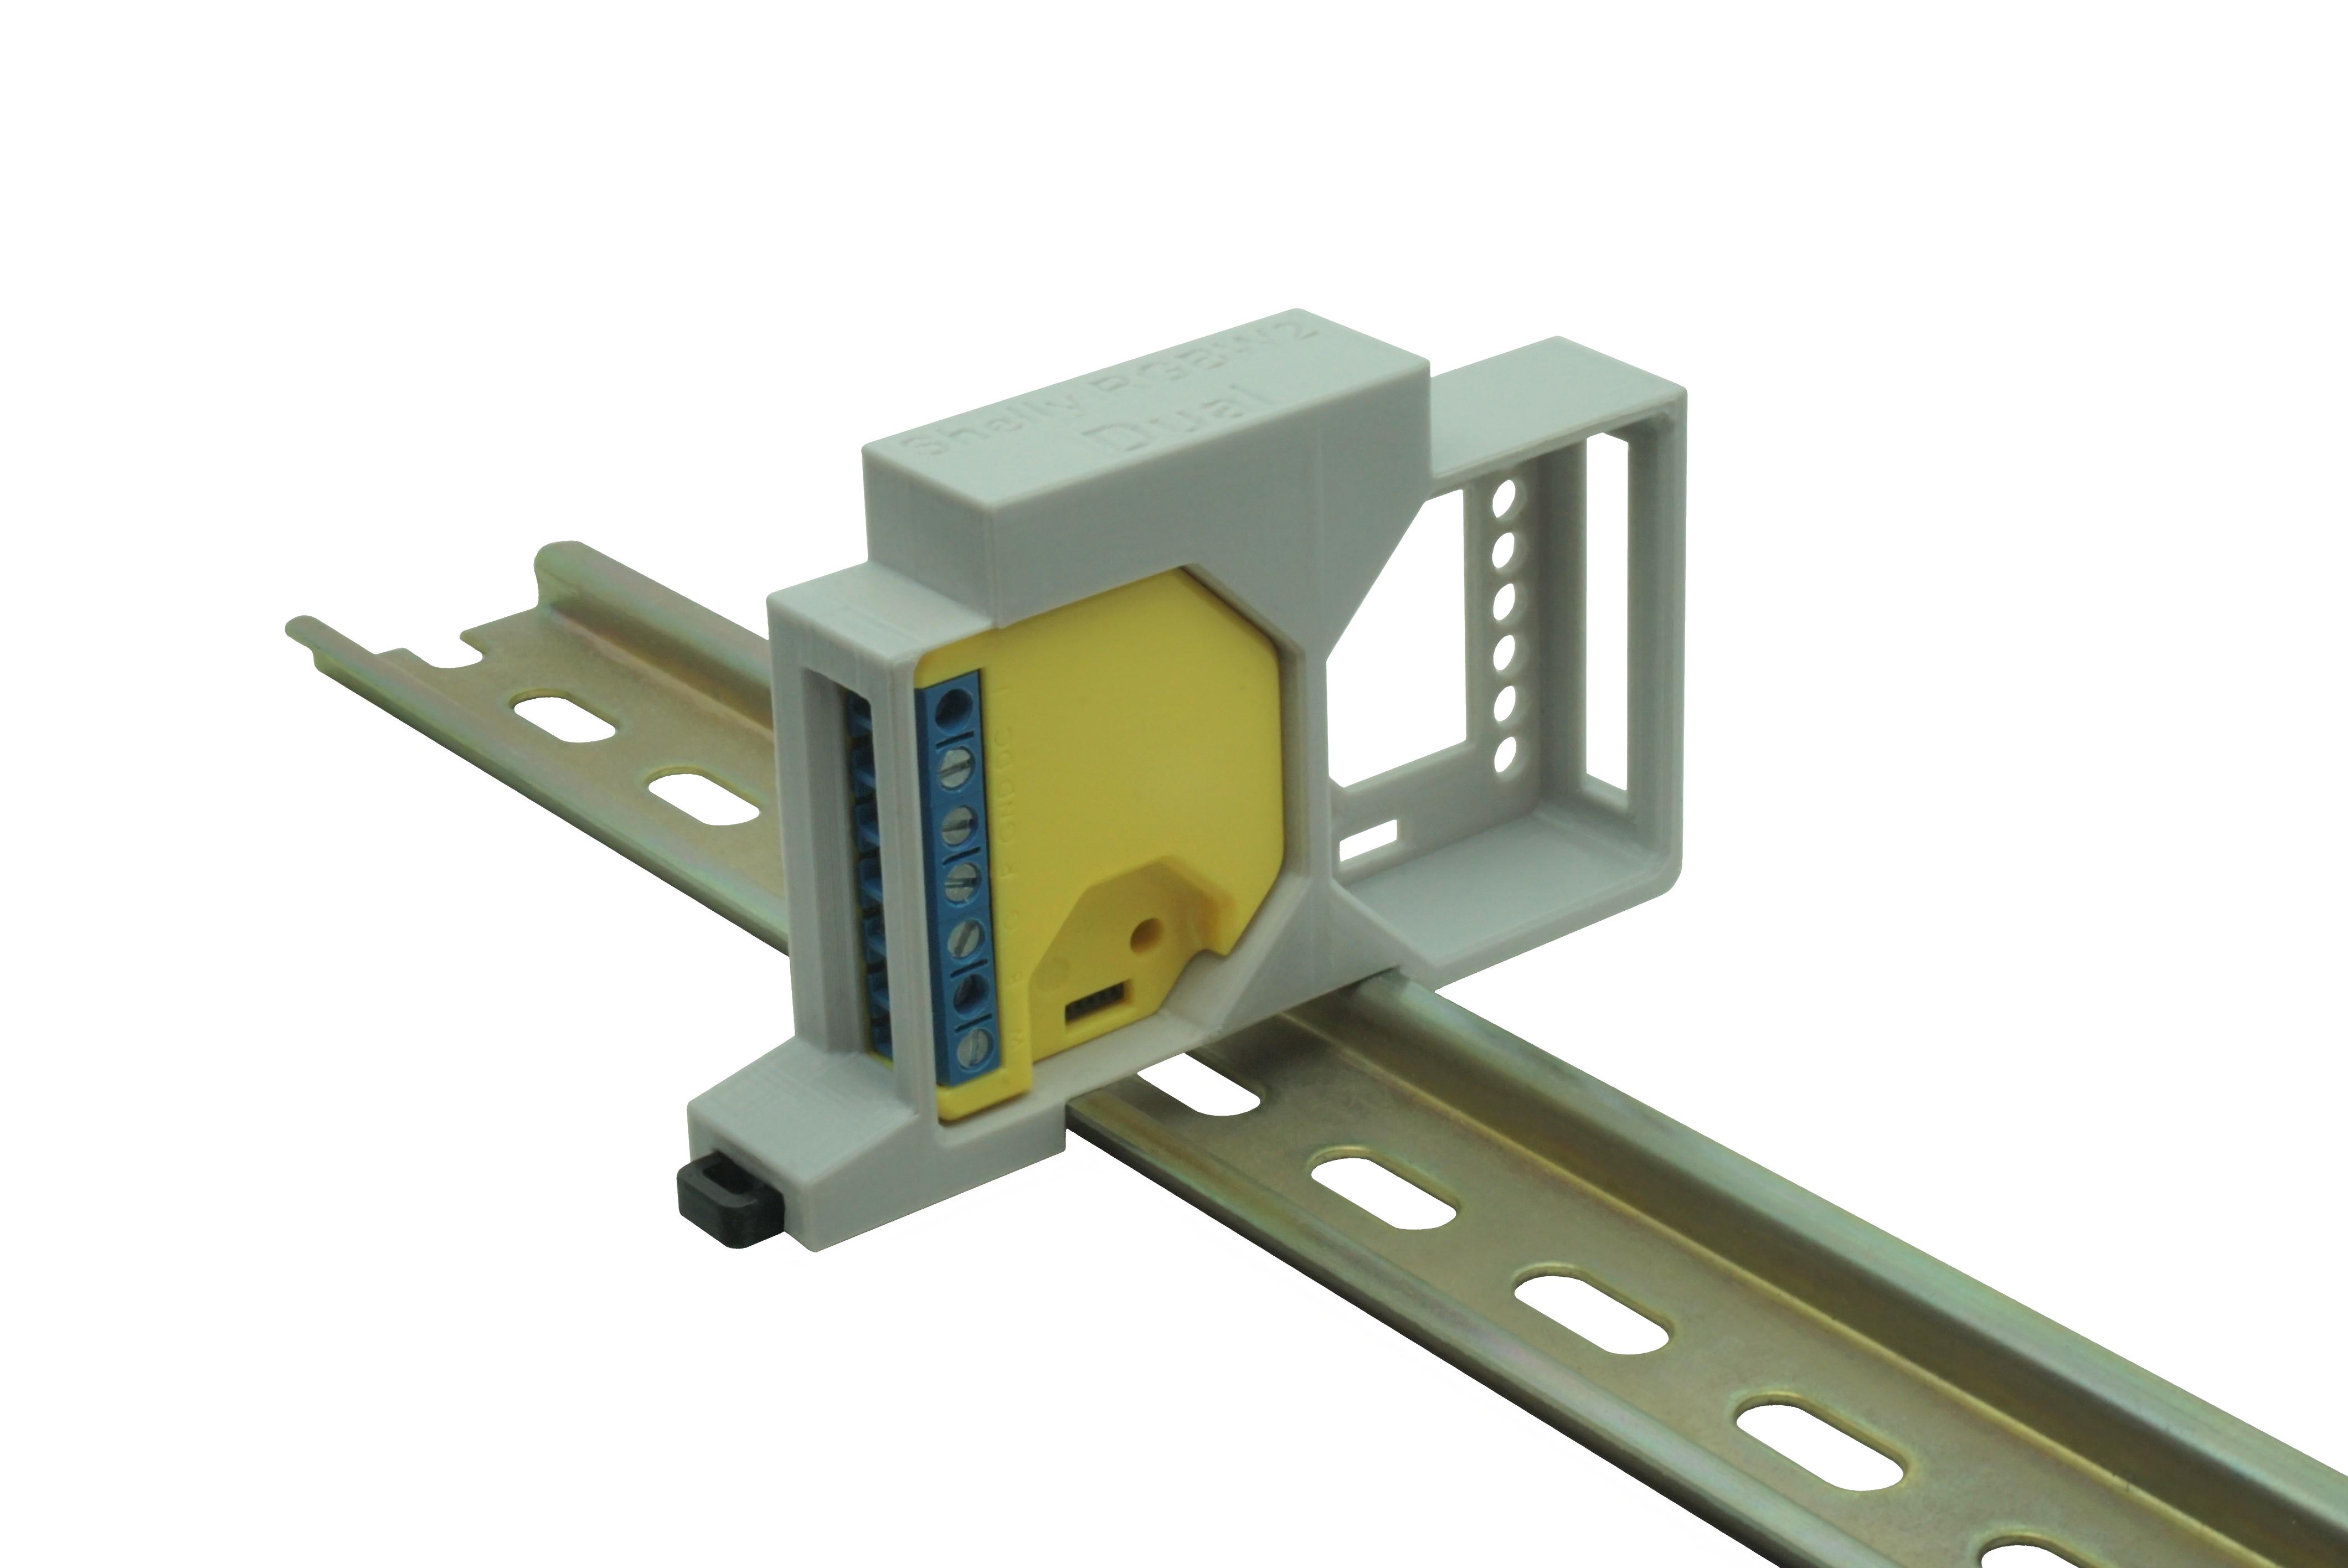 Hutschienenhalter / Adapter Dual für Shelly RGBW 2, für DIN Schiene 35mm, Farbe: Grau